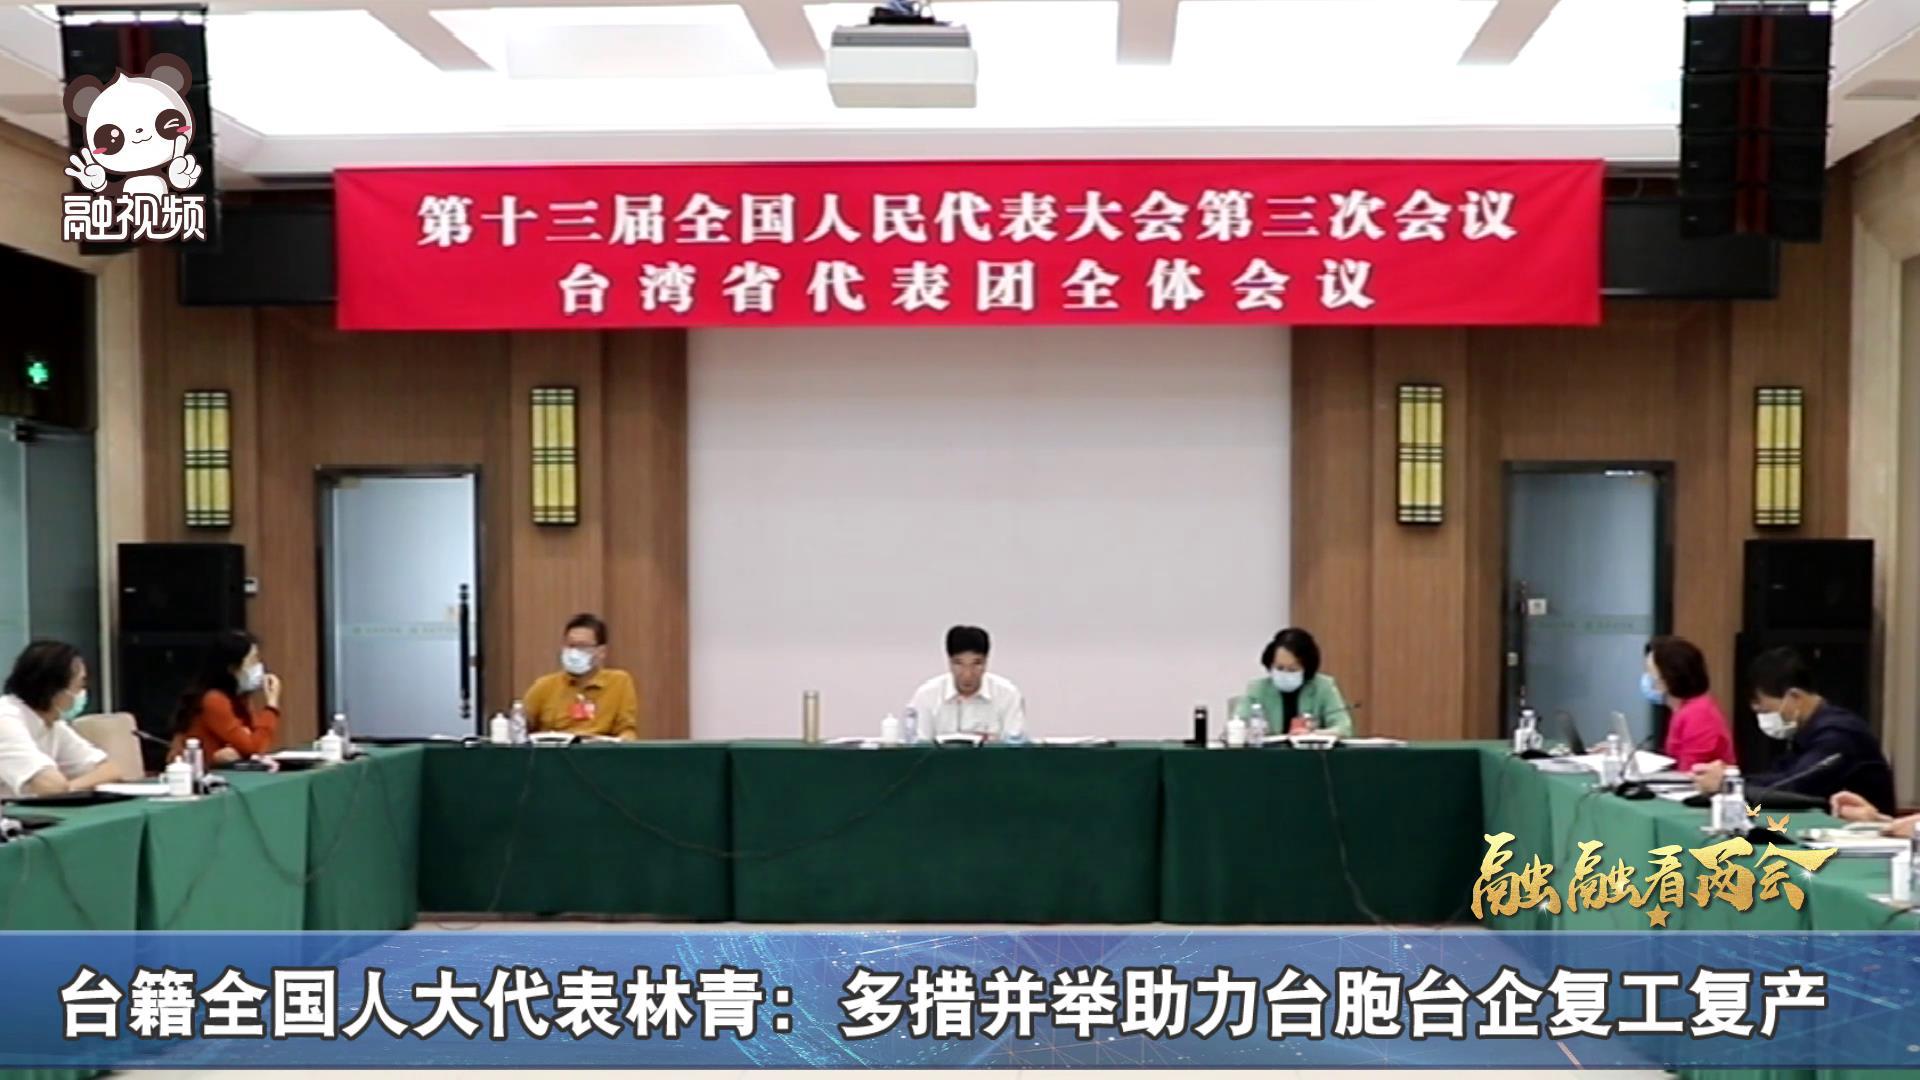 國臺辦:奉勸民進黨及其當局立即停止對全國人大審議有關議案攻擊圖片